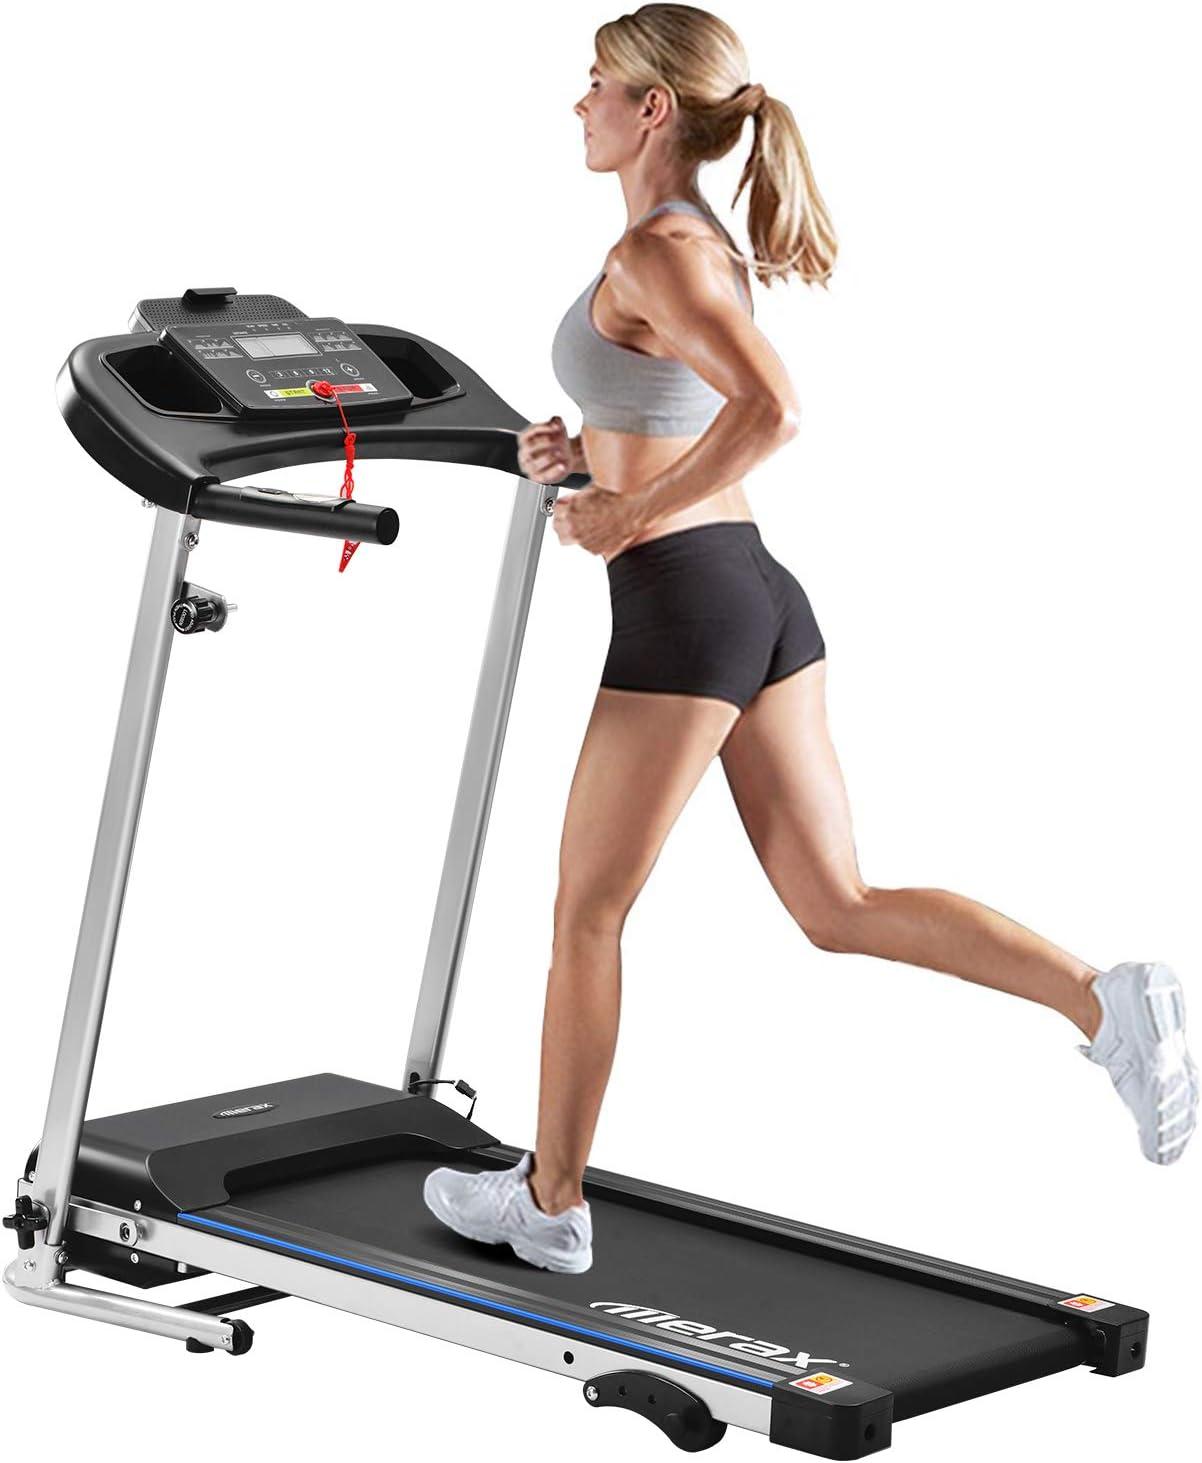 und Jogging-Fitnessger/ät 12 km//h f/ür Heim-Fitnessger/äte mit 12 Programmen,elektrisch klappbar Merax Laufband Motorisiertes Laufband Elektrisches Klapplaufband 500W Motorisiertes Lauf